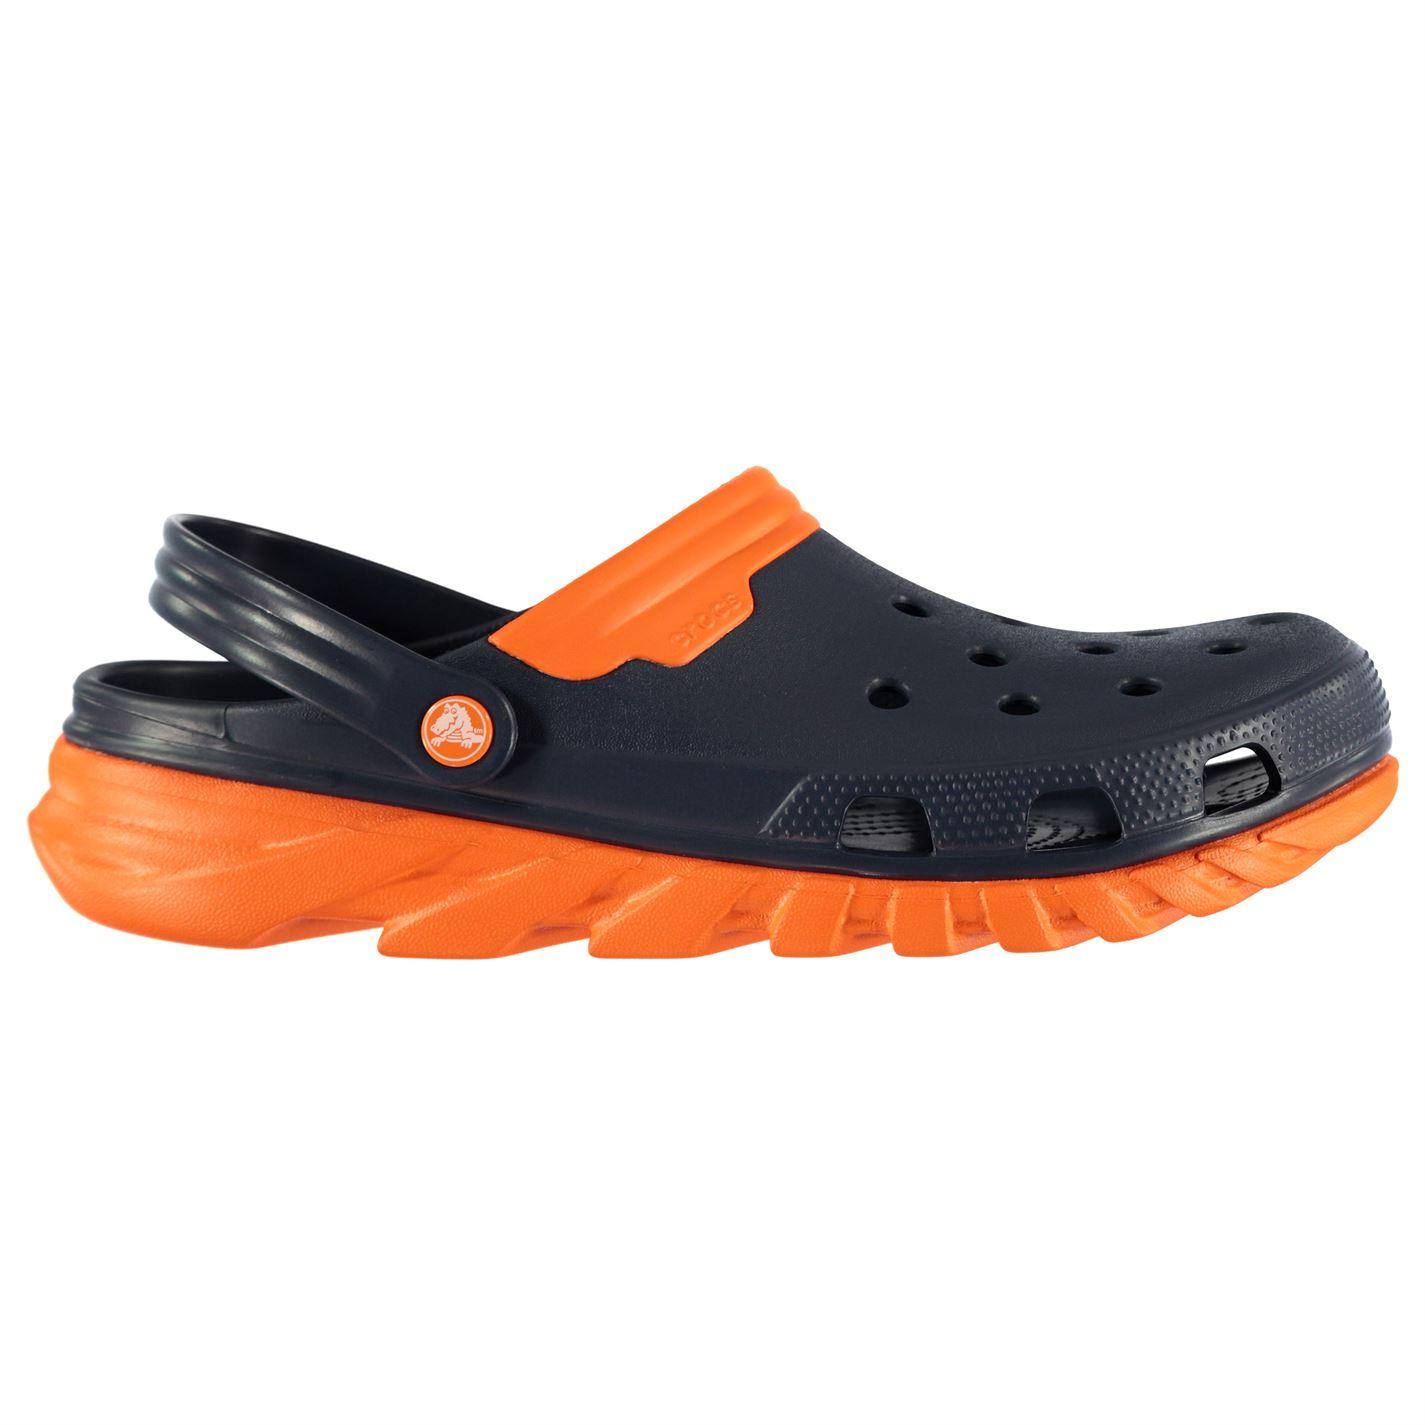 Crocs Duet Max Clog Unisex Sandals